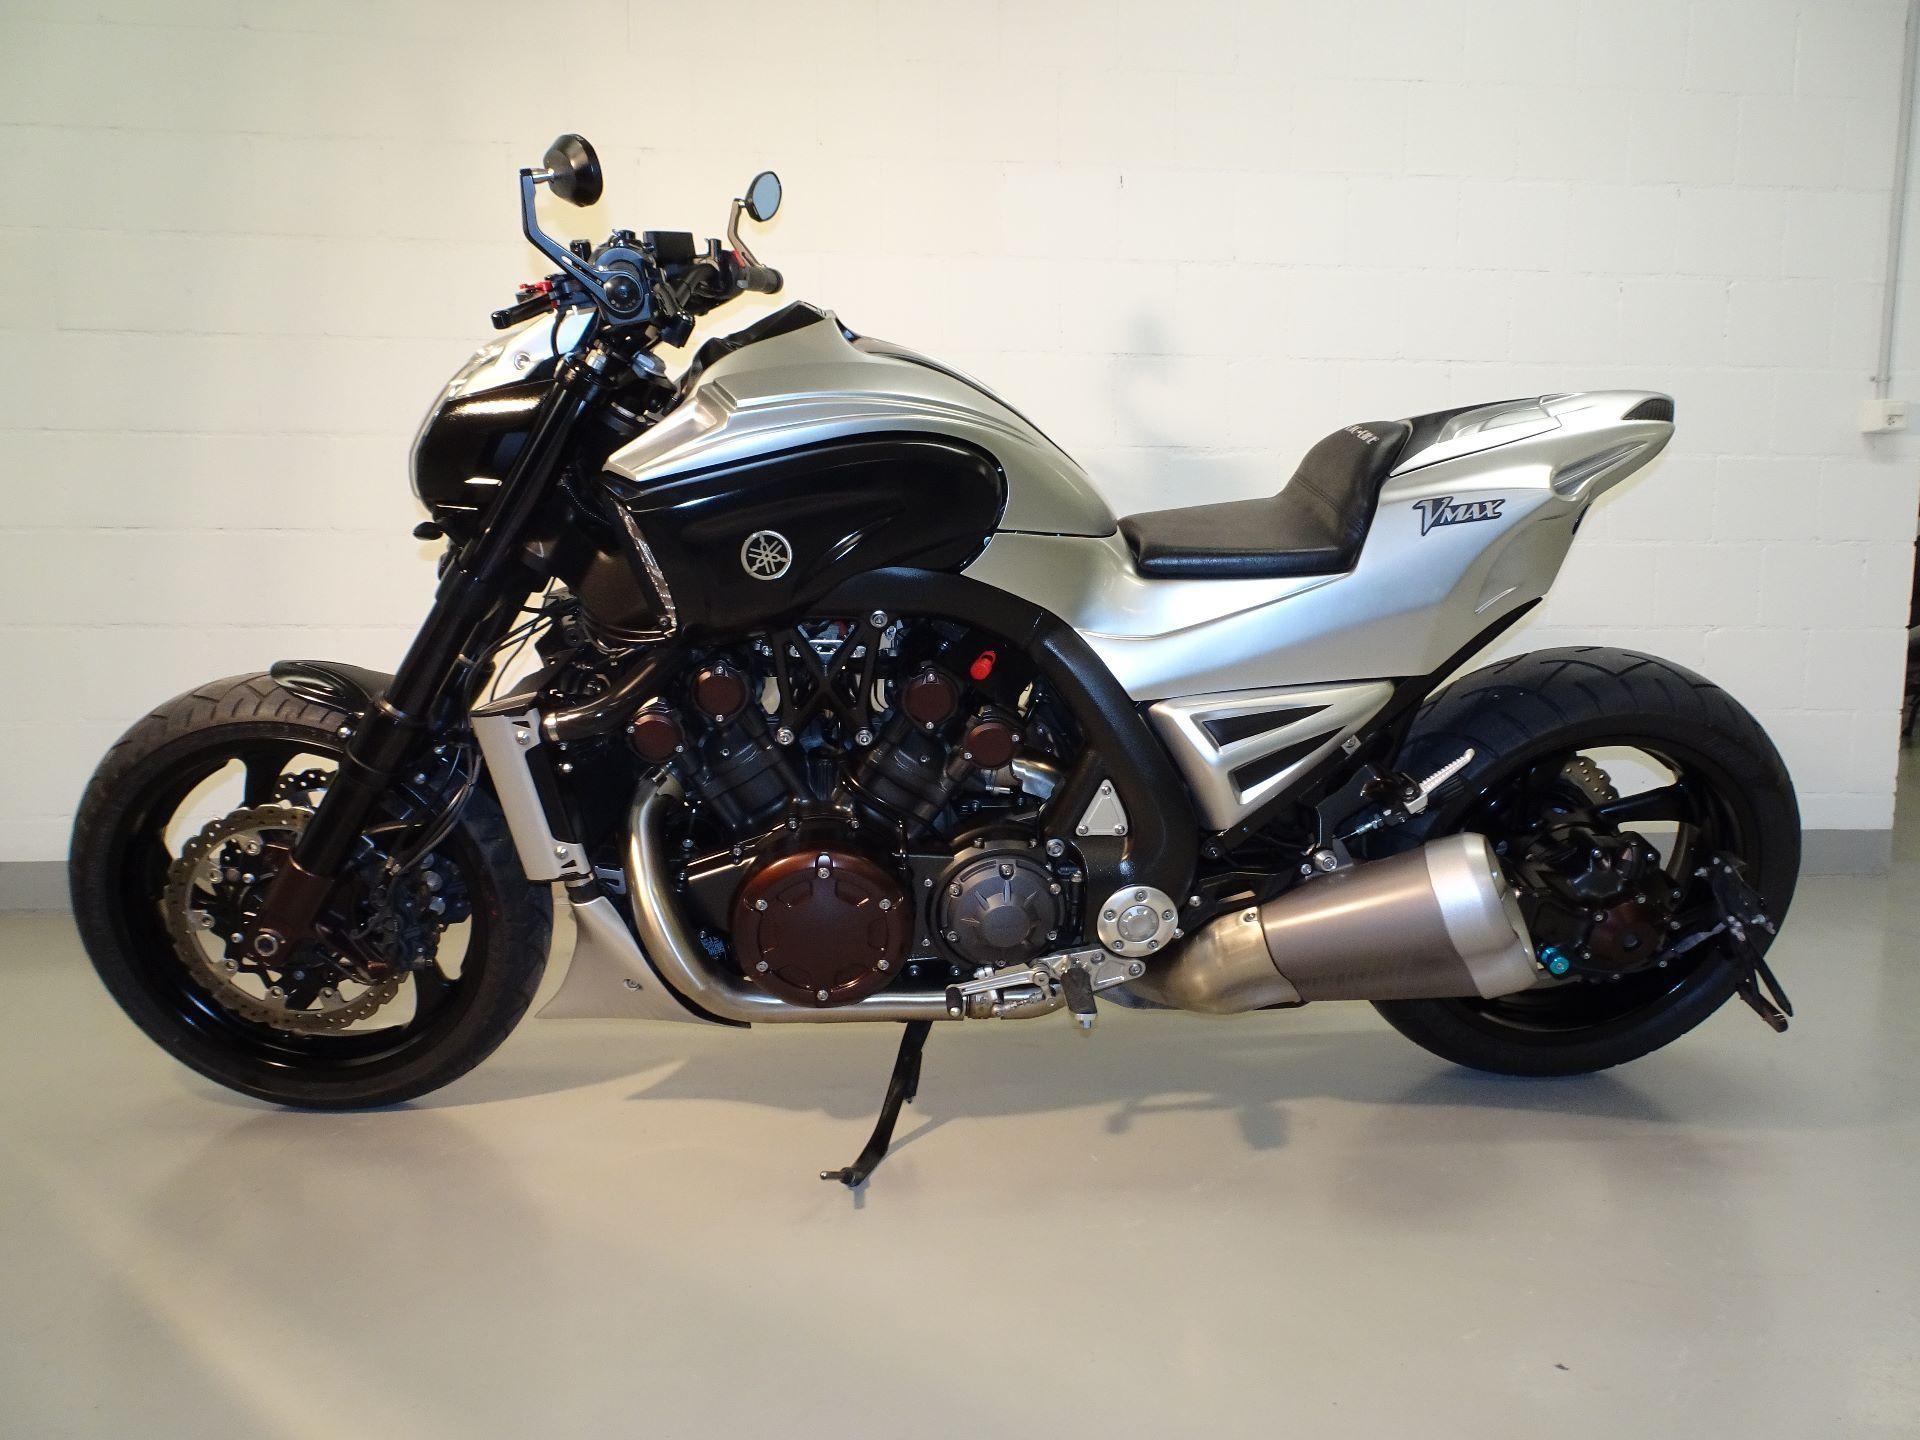 moto occasions acheter yamaha vmx 1700 v max abs keller motos ag siggenthal station. Black Bedroom Furniture Sets. Home Design Ideas